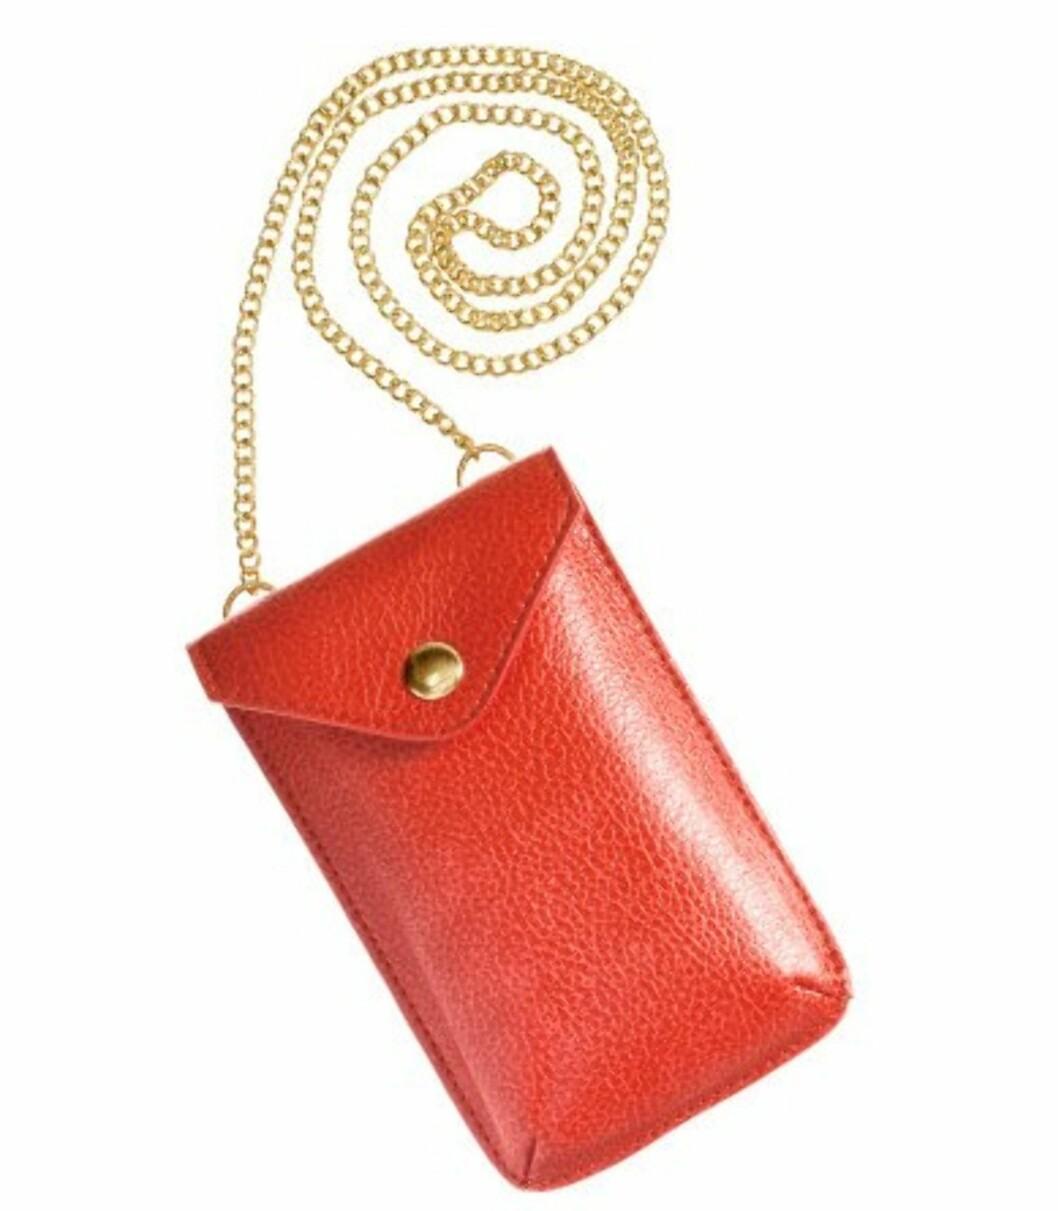 Rød mobilveske med gullenke (kr.24,50/H&M). Foto: Produsenten